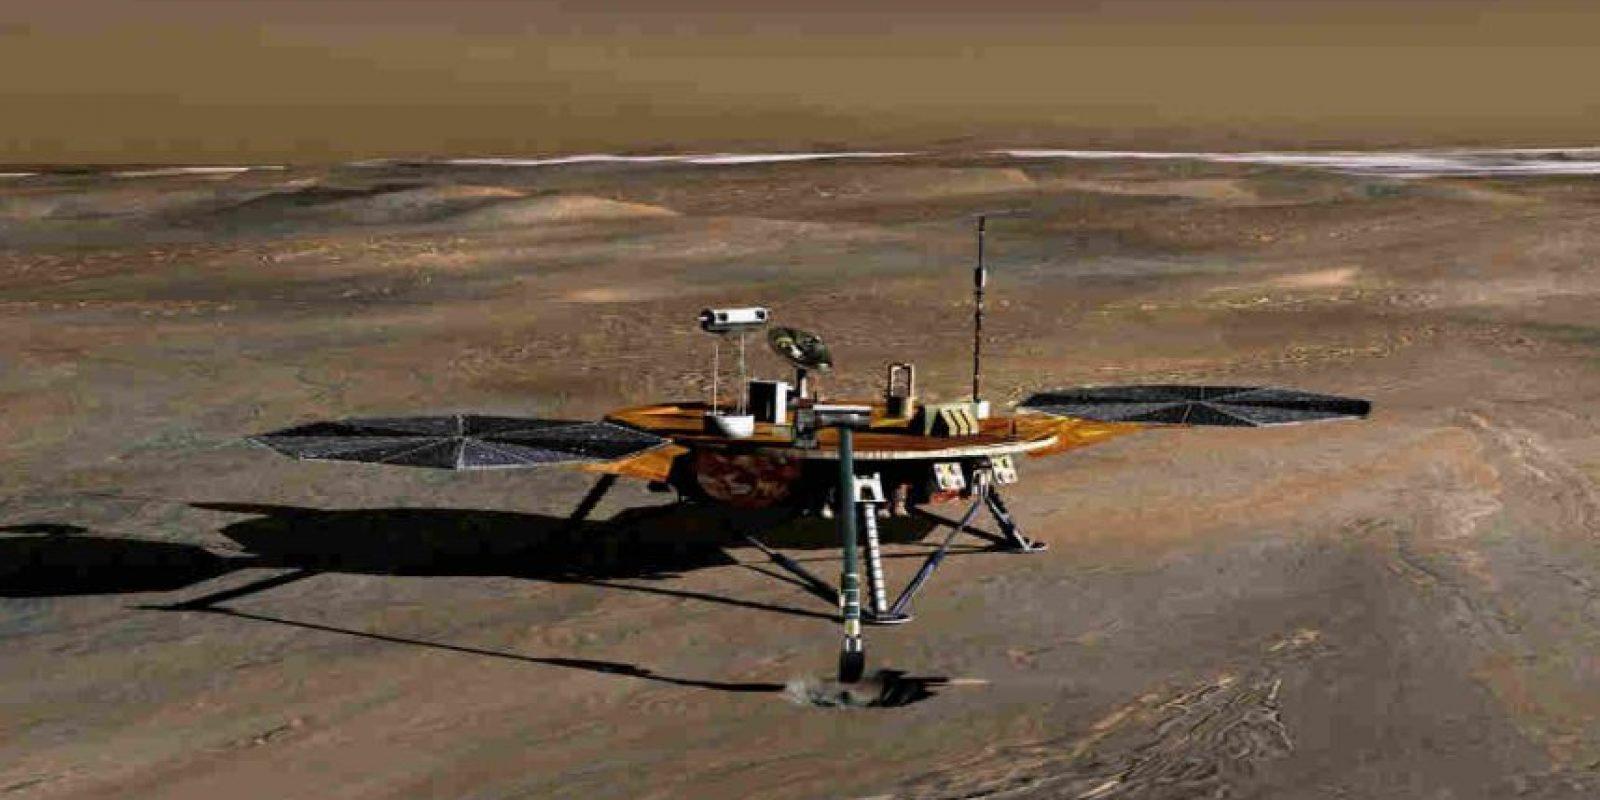 Sin embargo, han existido misiones que lograron mandar dispositivos para explorar. Foto:Getty Images